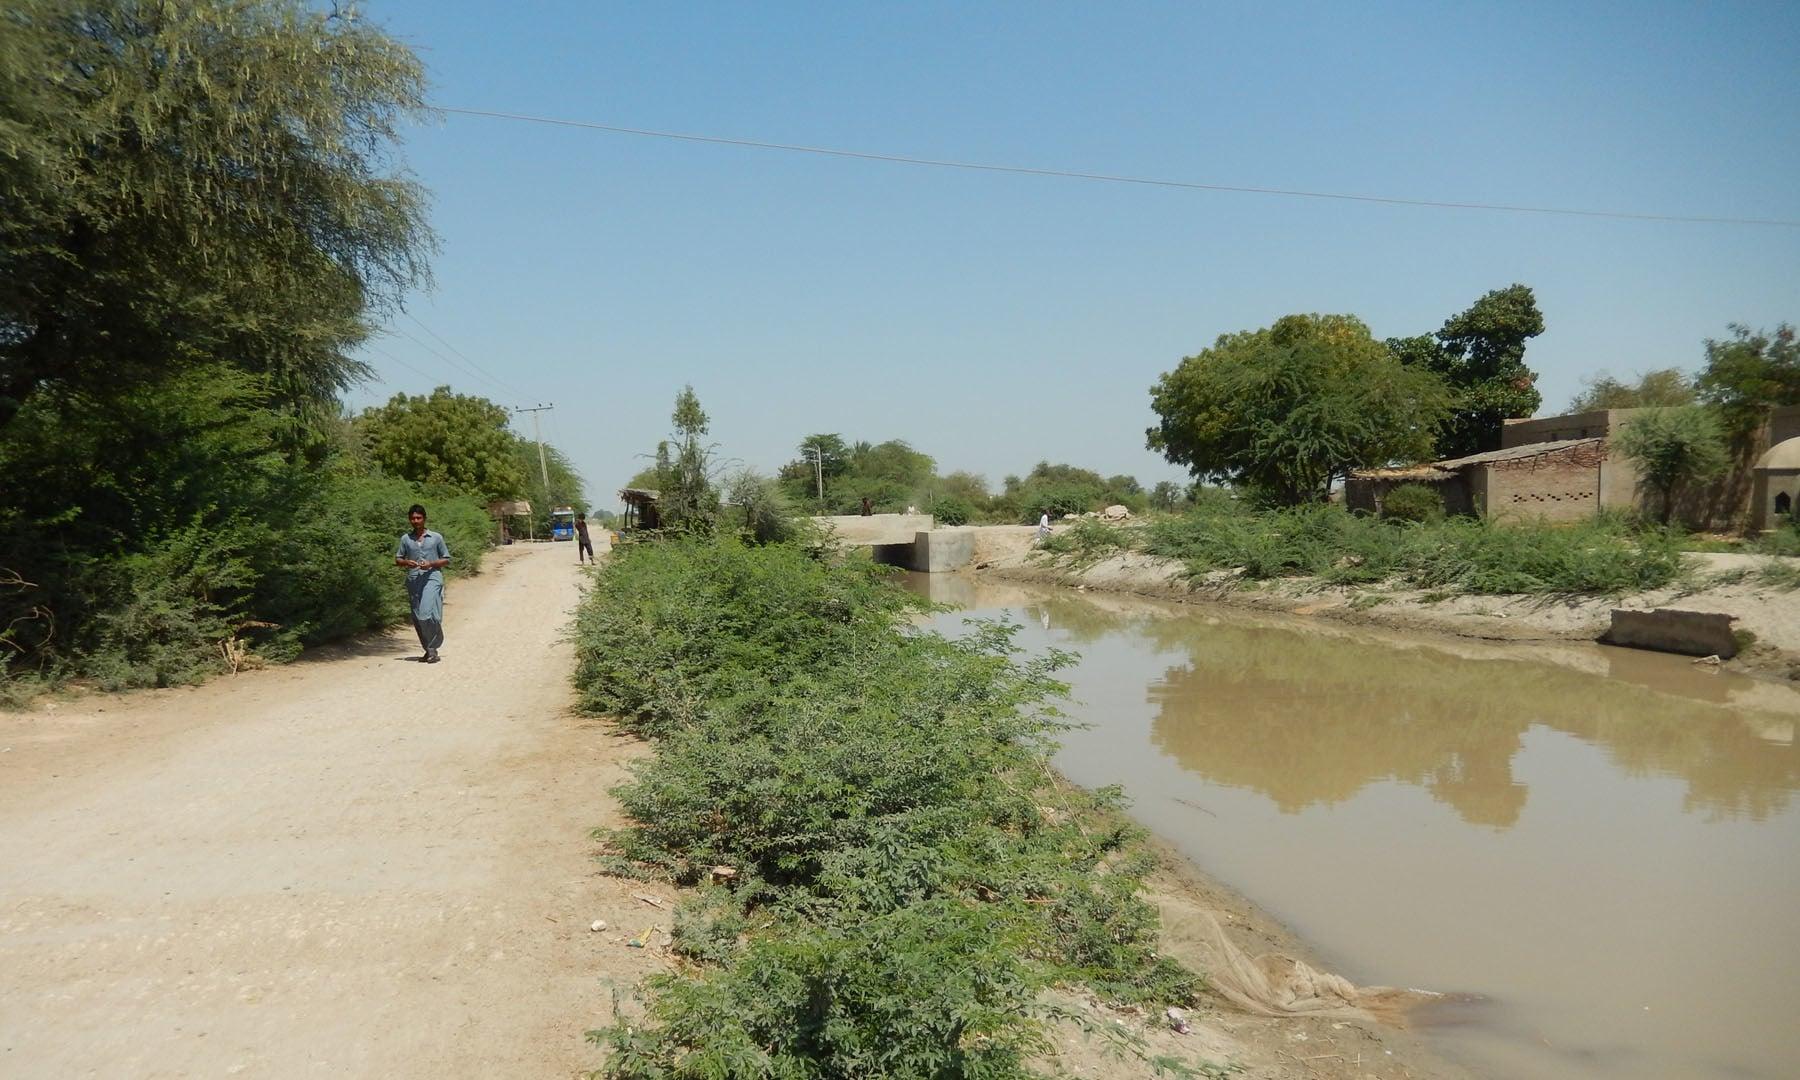 ماہی گیروں کے گاؤں میں موجود نہر